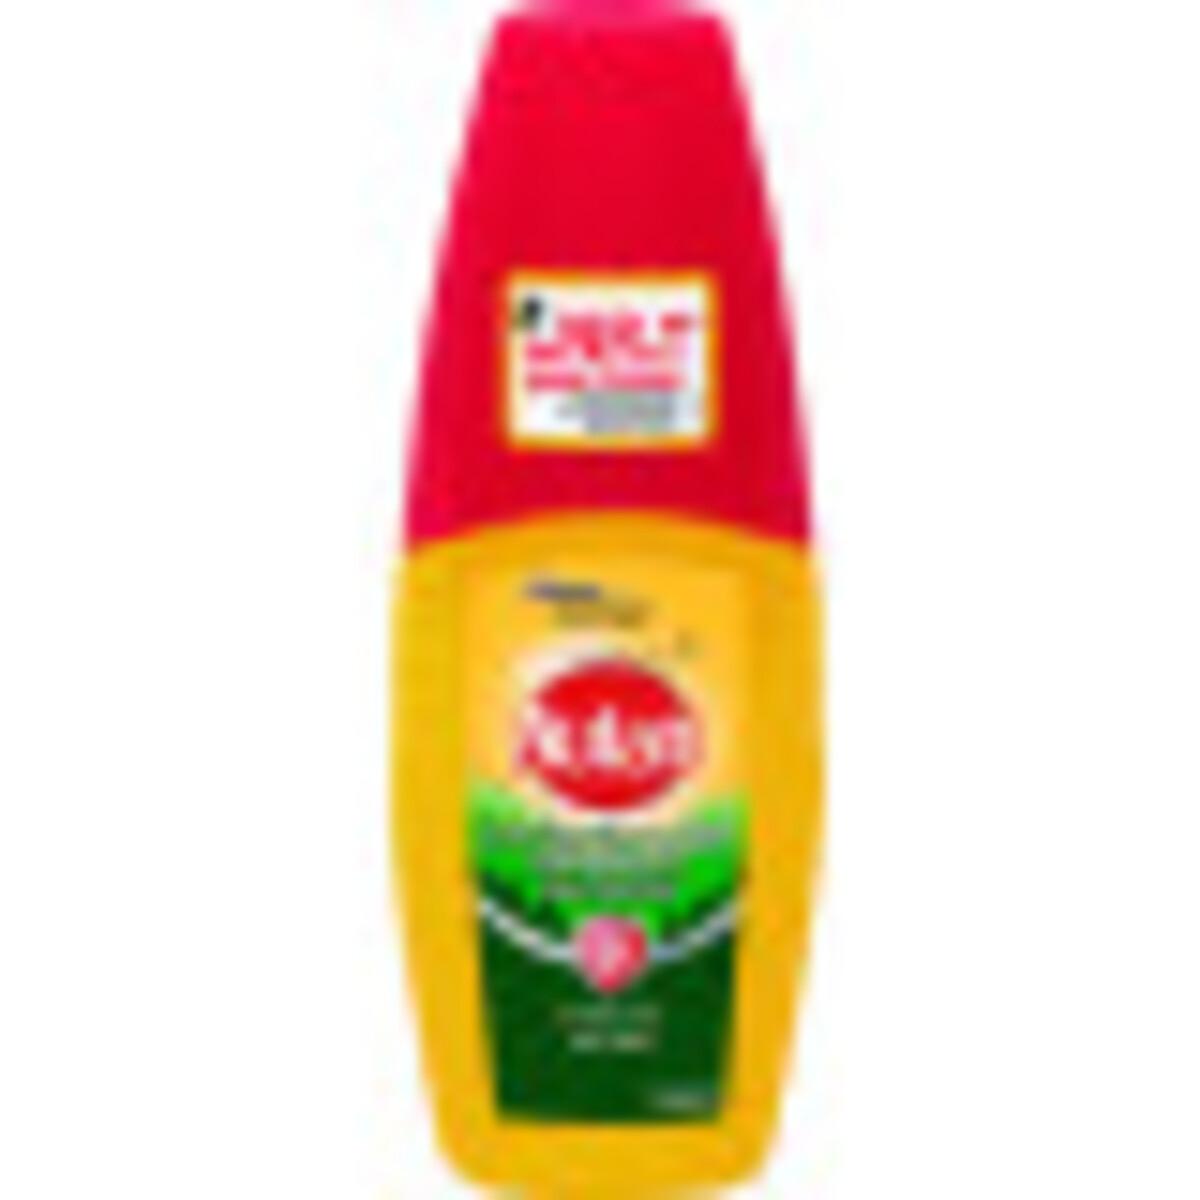 Bild 1 von Autan Protection Plus Insektenschutz Pumpspray 100 ml